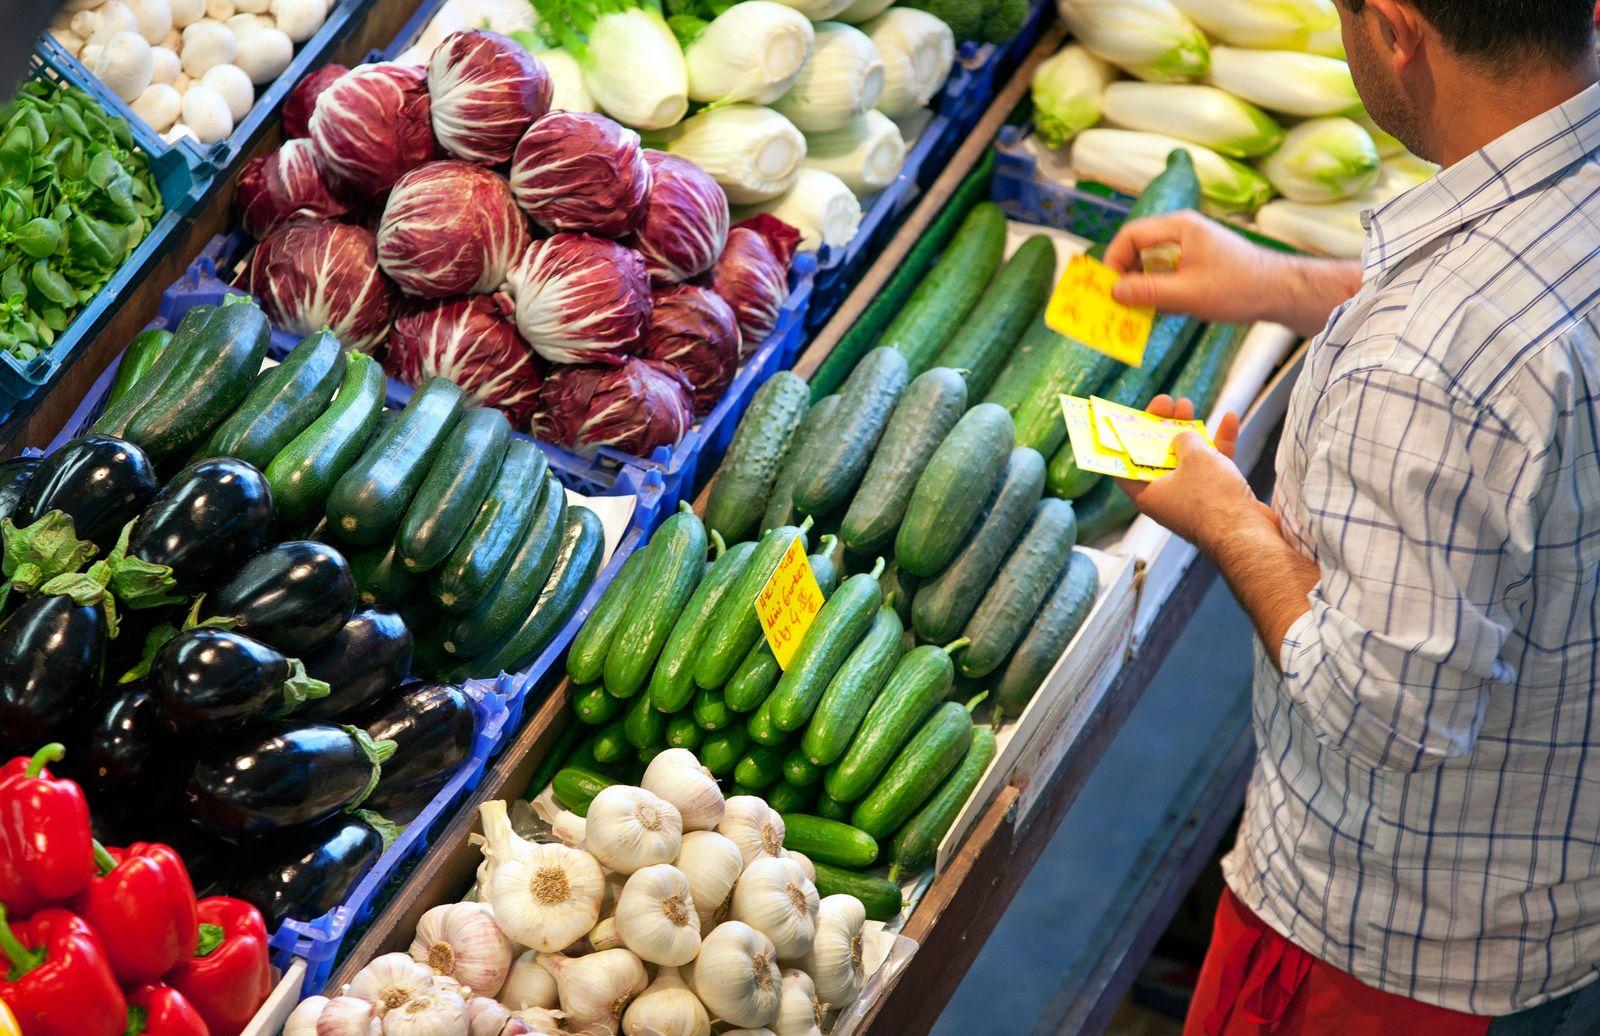 Preis / Lebensmitteln / Inflation / Preise